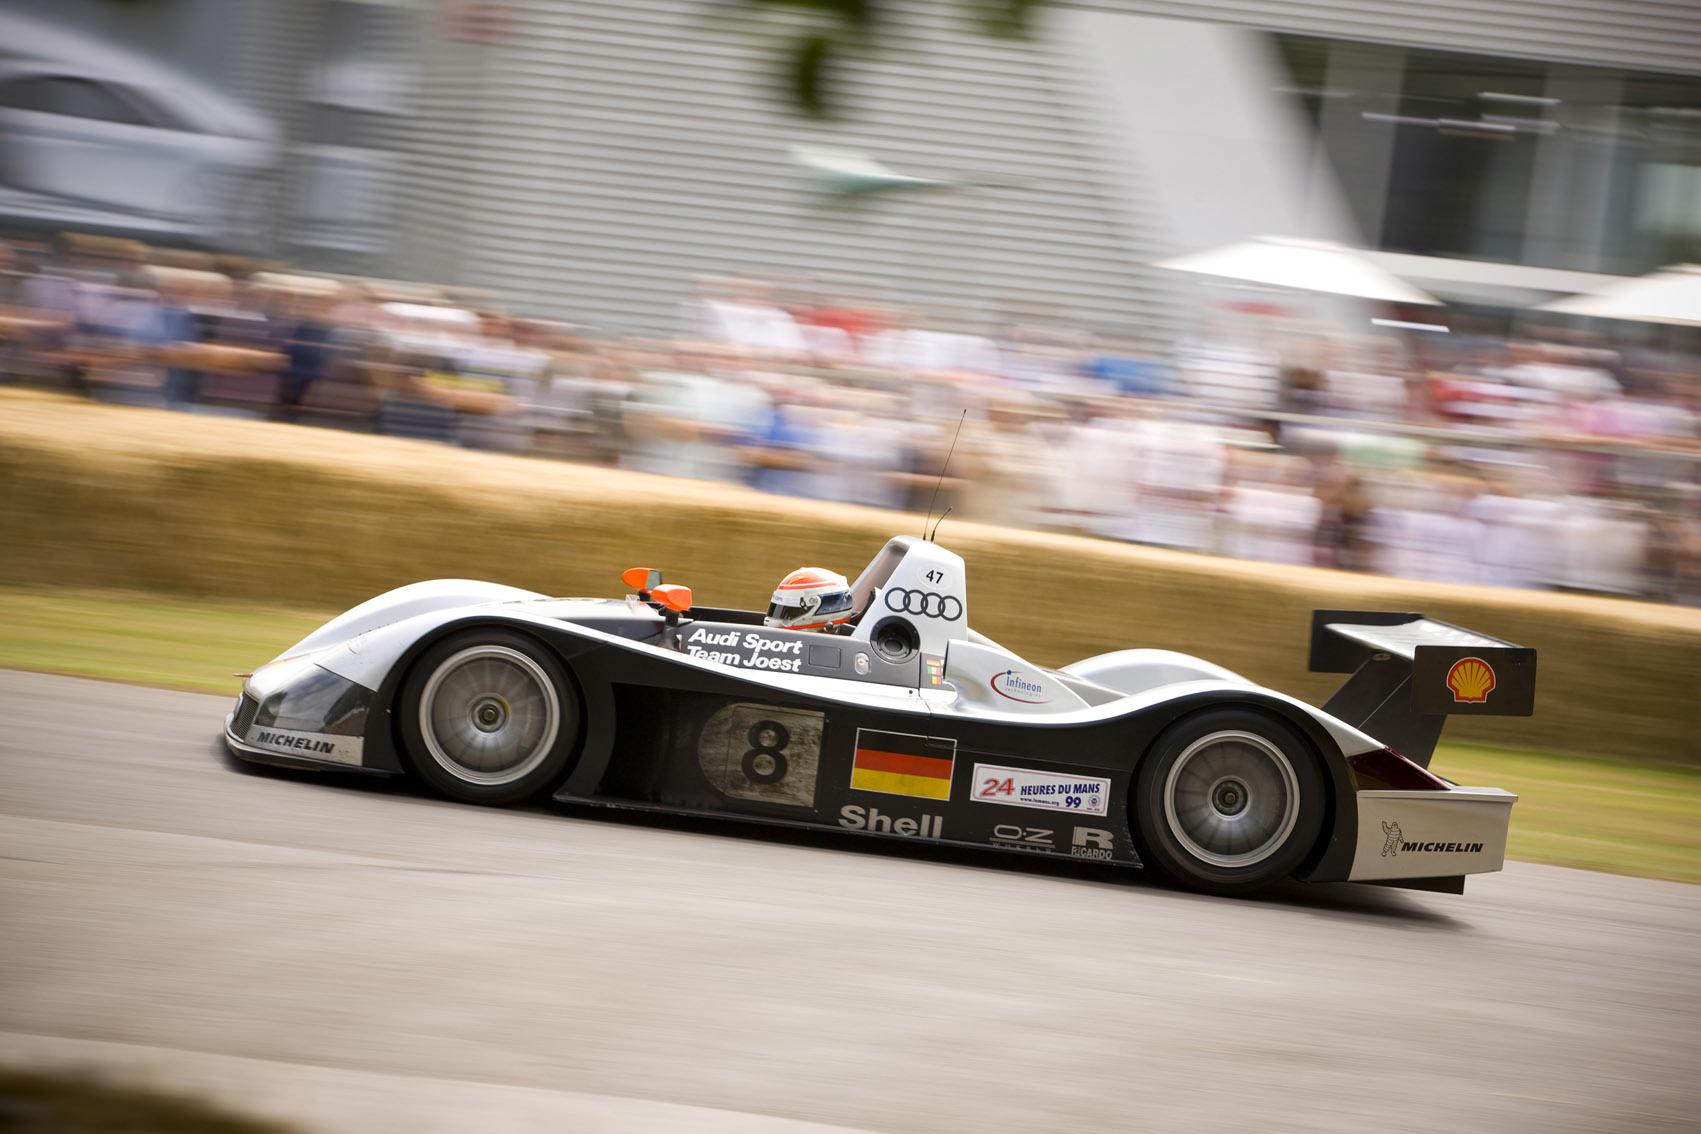 Mistrzowie z Le Mans w Audi museum mobile